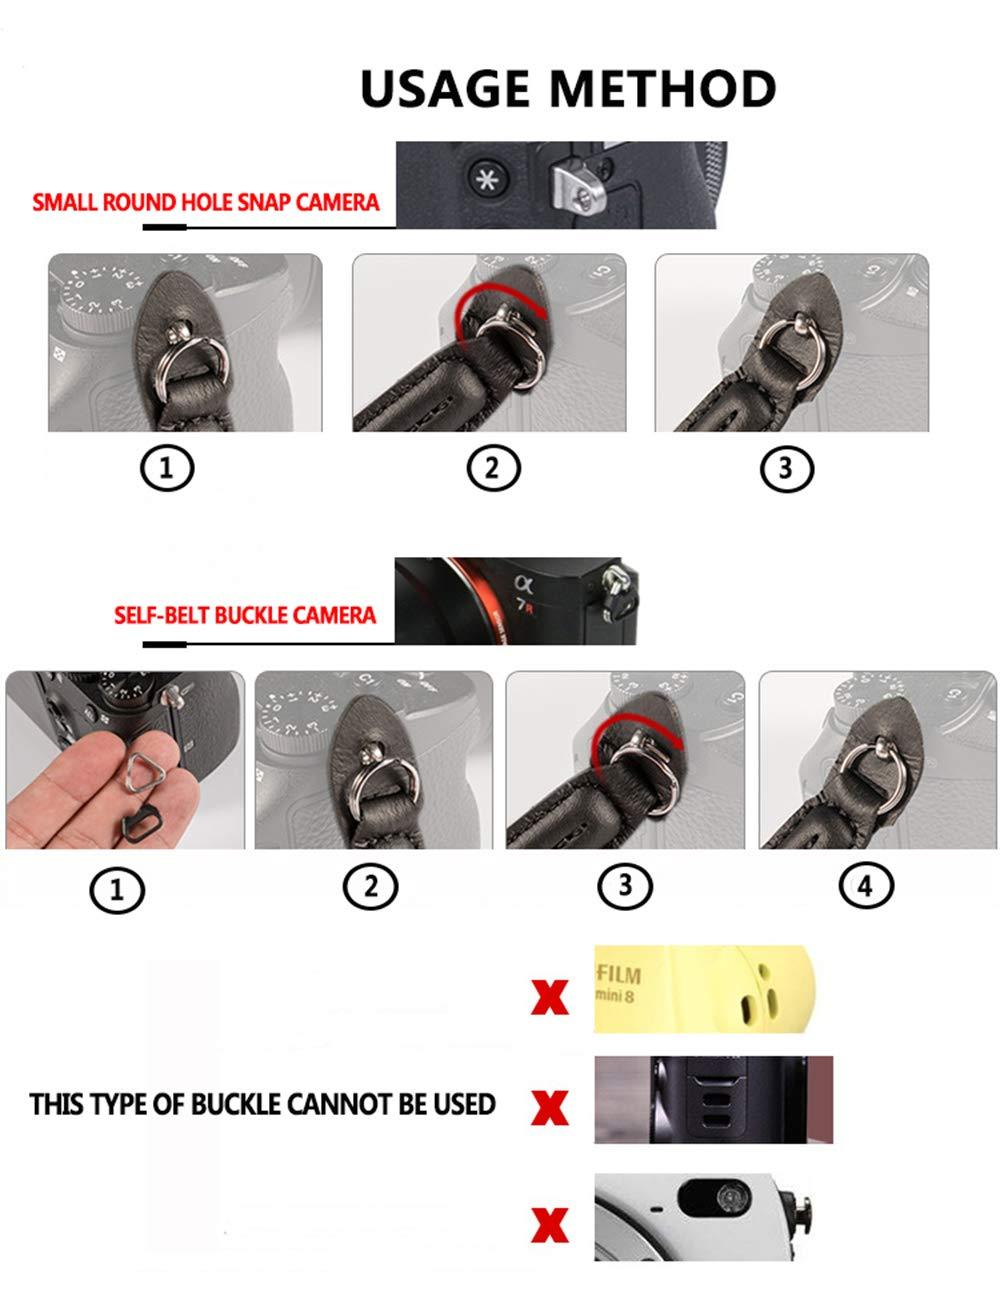 Universal Correa de la Camara hecho a mano Algod/ón Hombro Cuello Cintur/ón Correa para Leica Canon Nikon Fuji Olympus Lumix Sony,Negro.